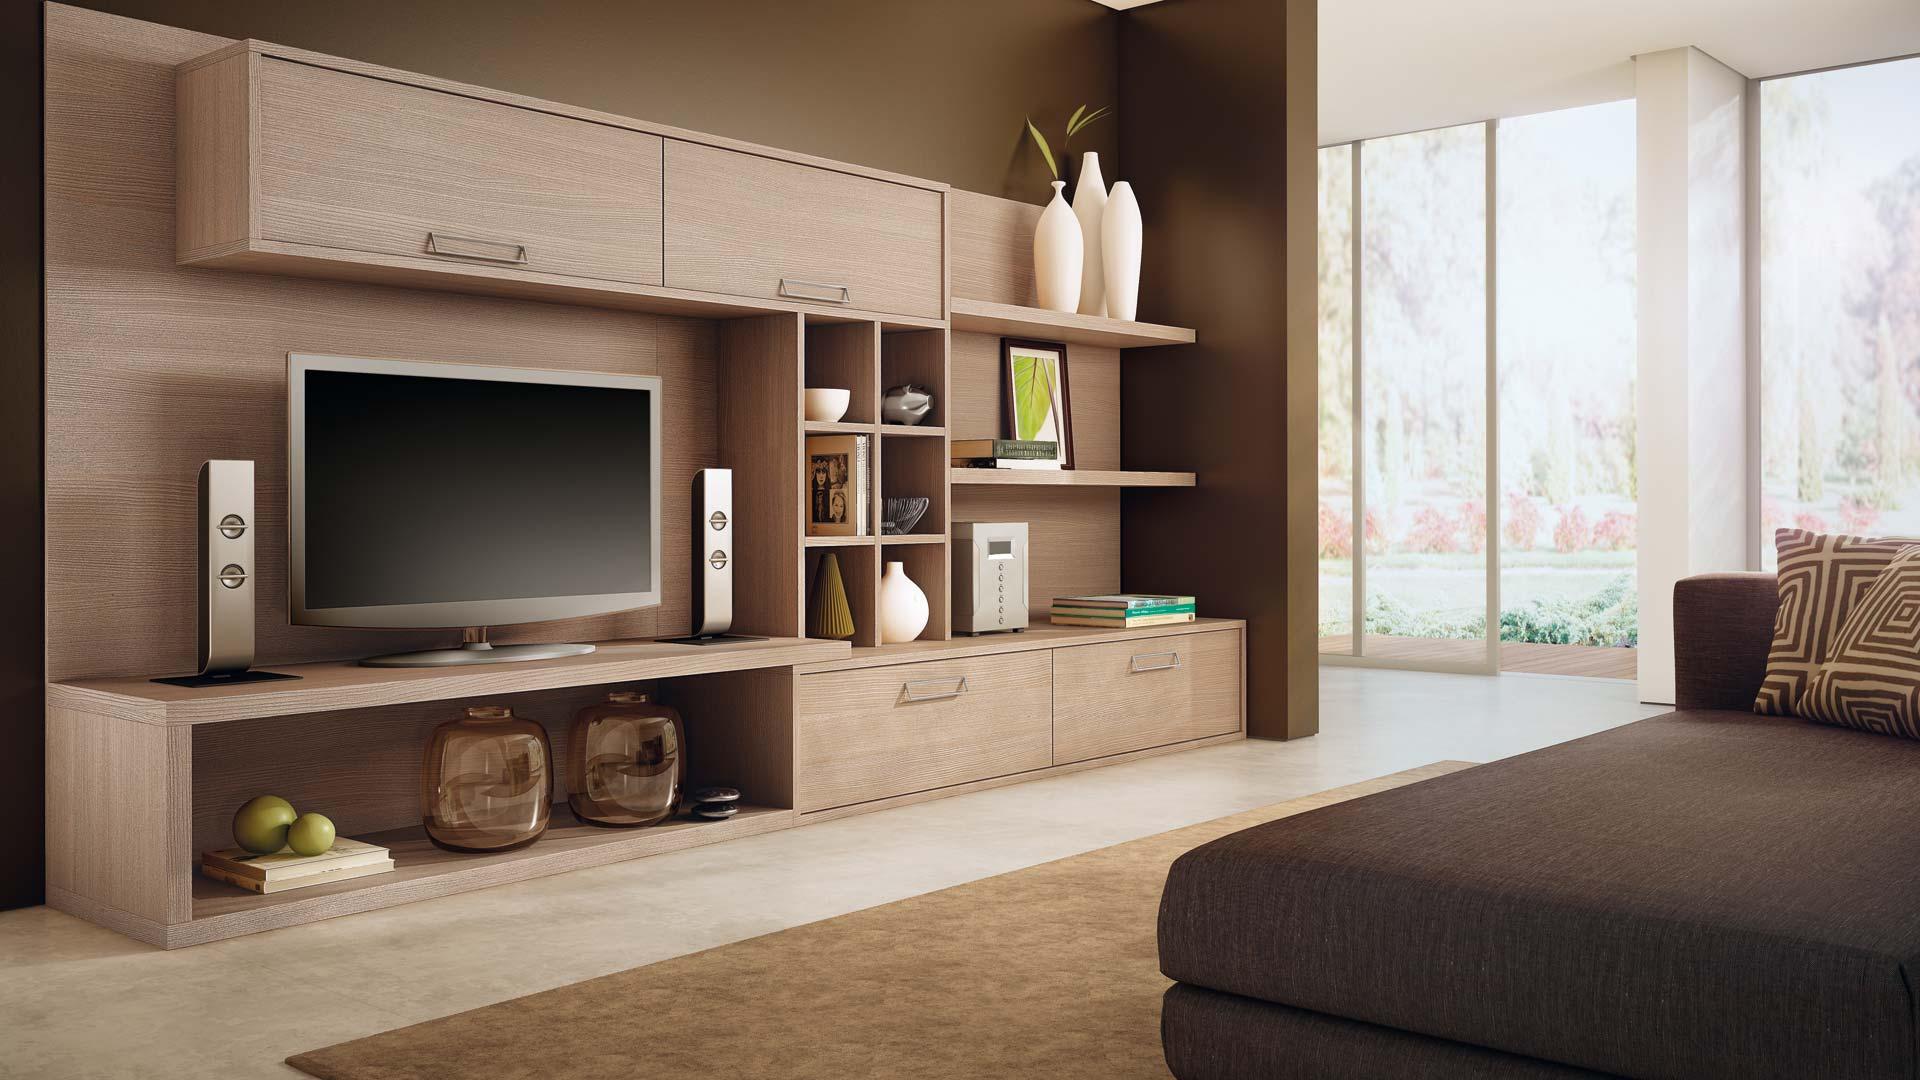 Fazer o móvel em um mesmo acabamento deixa o ambiente clean e moderno